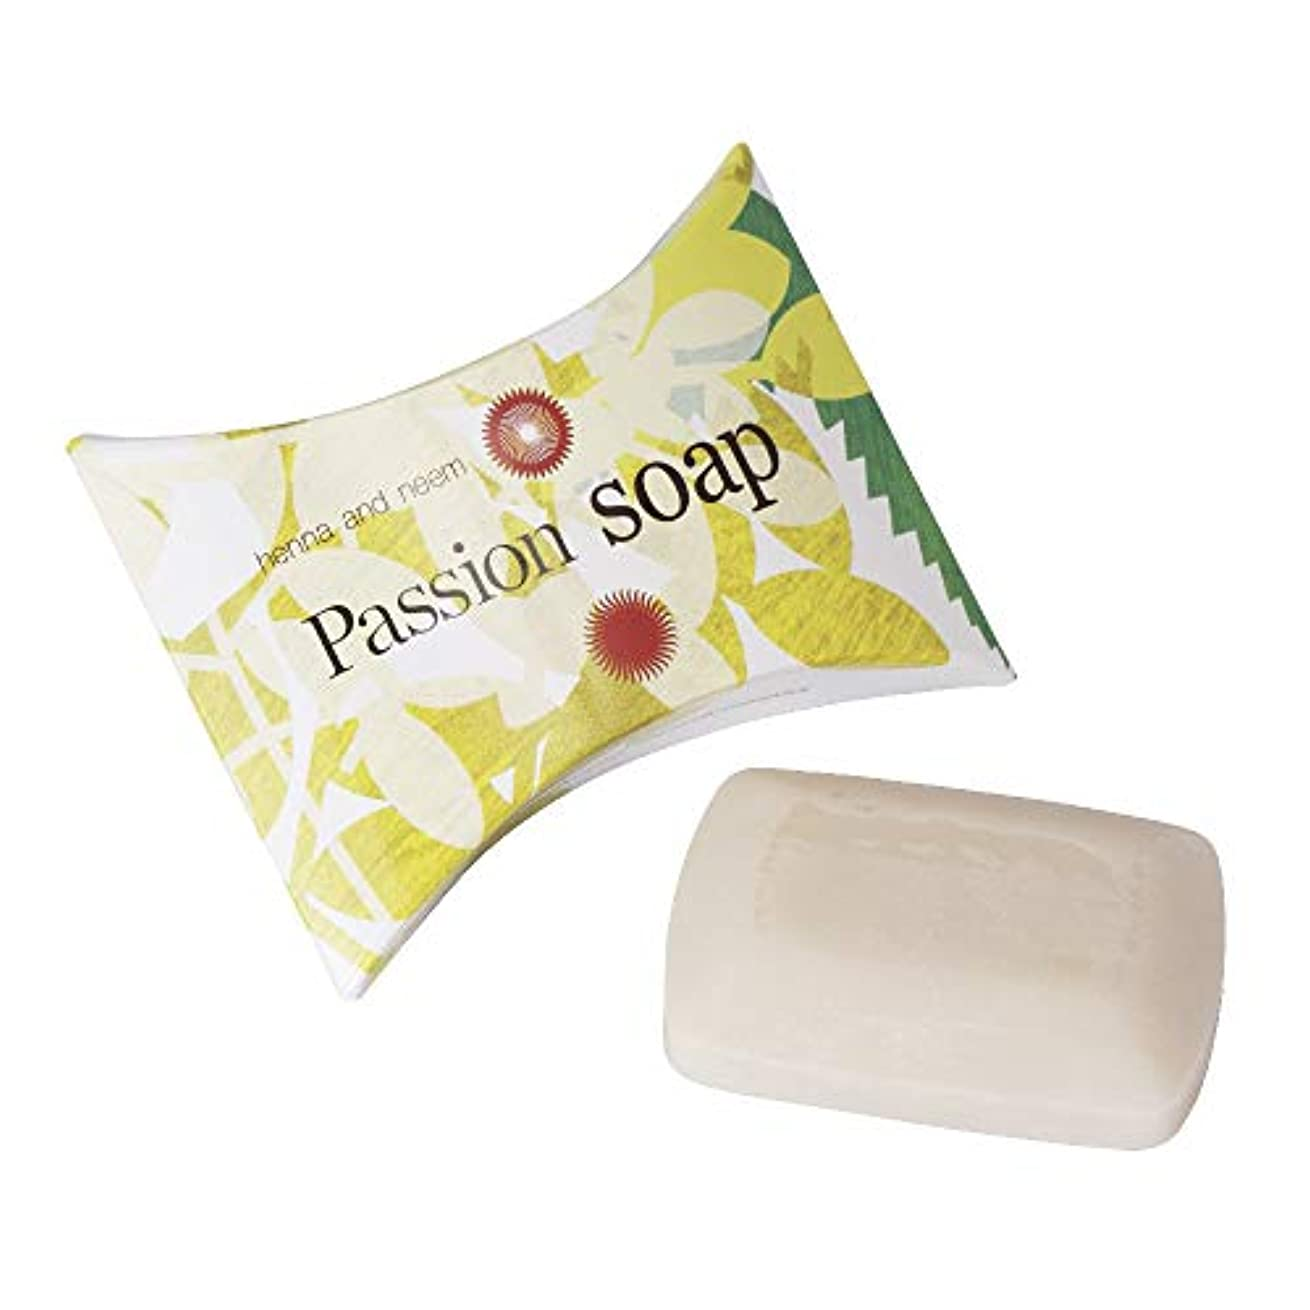 火星ジャンプトロピカルヘナソープ PASSION SOAP 天然サポニンで洗う優しいハーブ石鹸